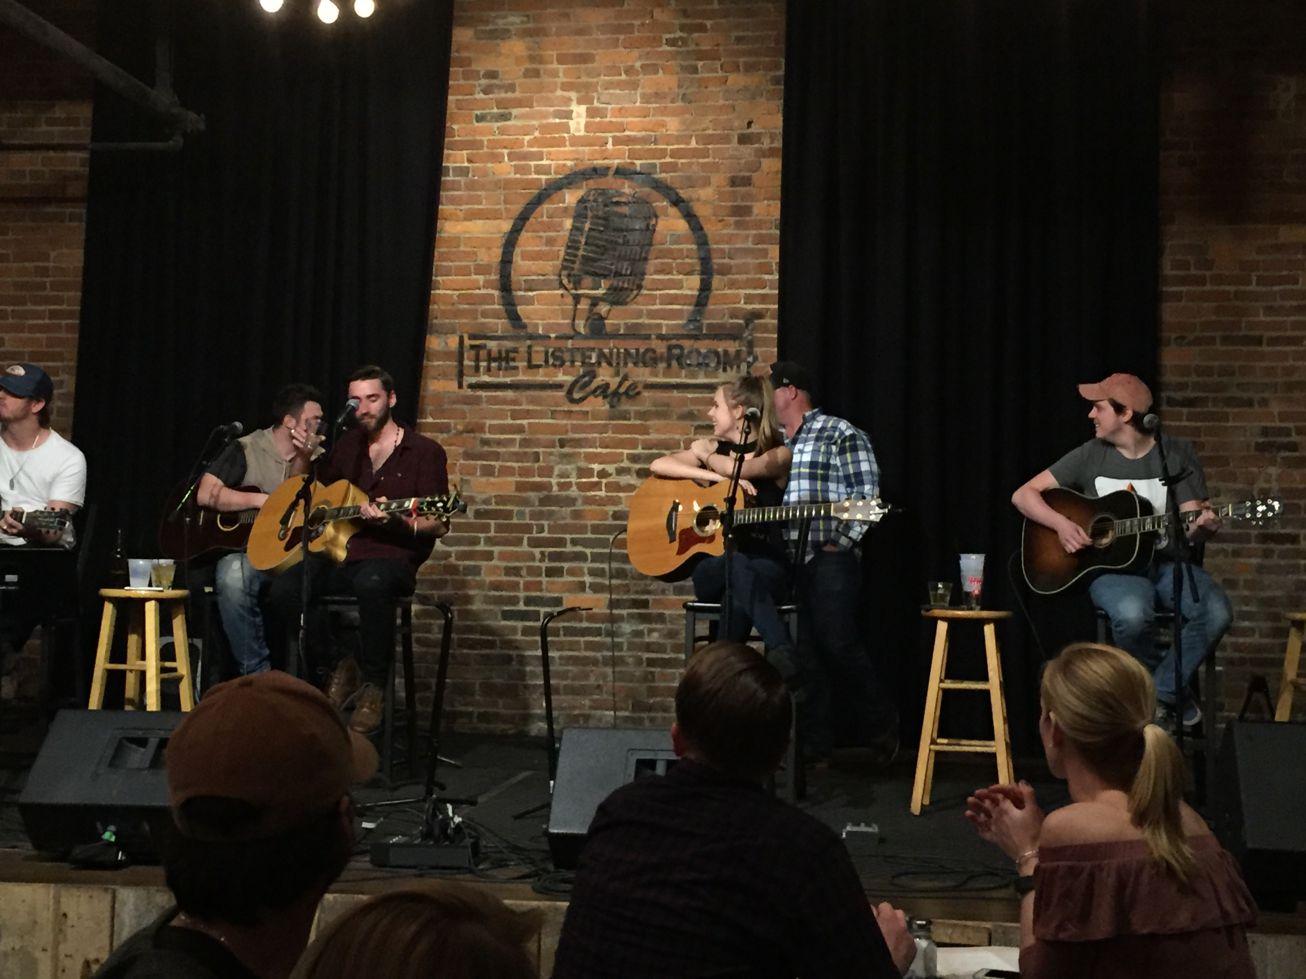 Nashville_The_Listening_Room.jpg